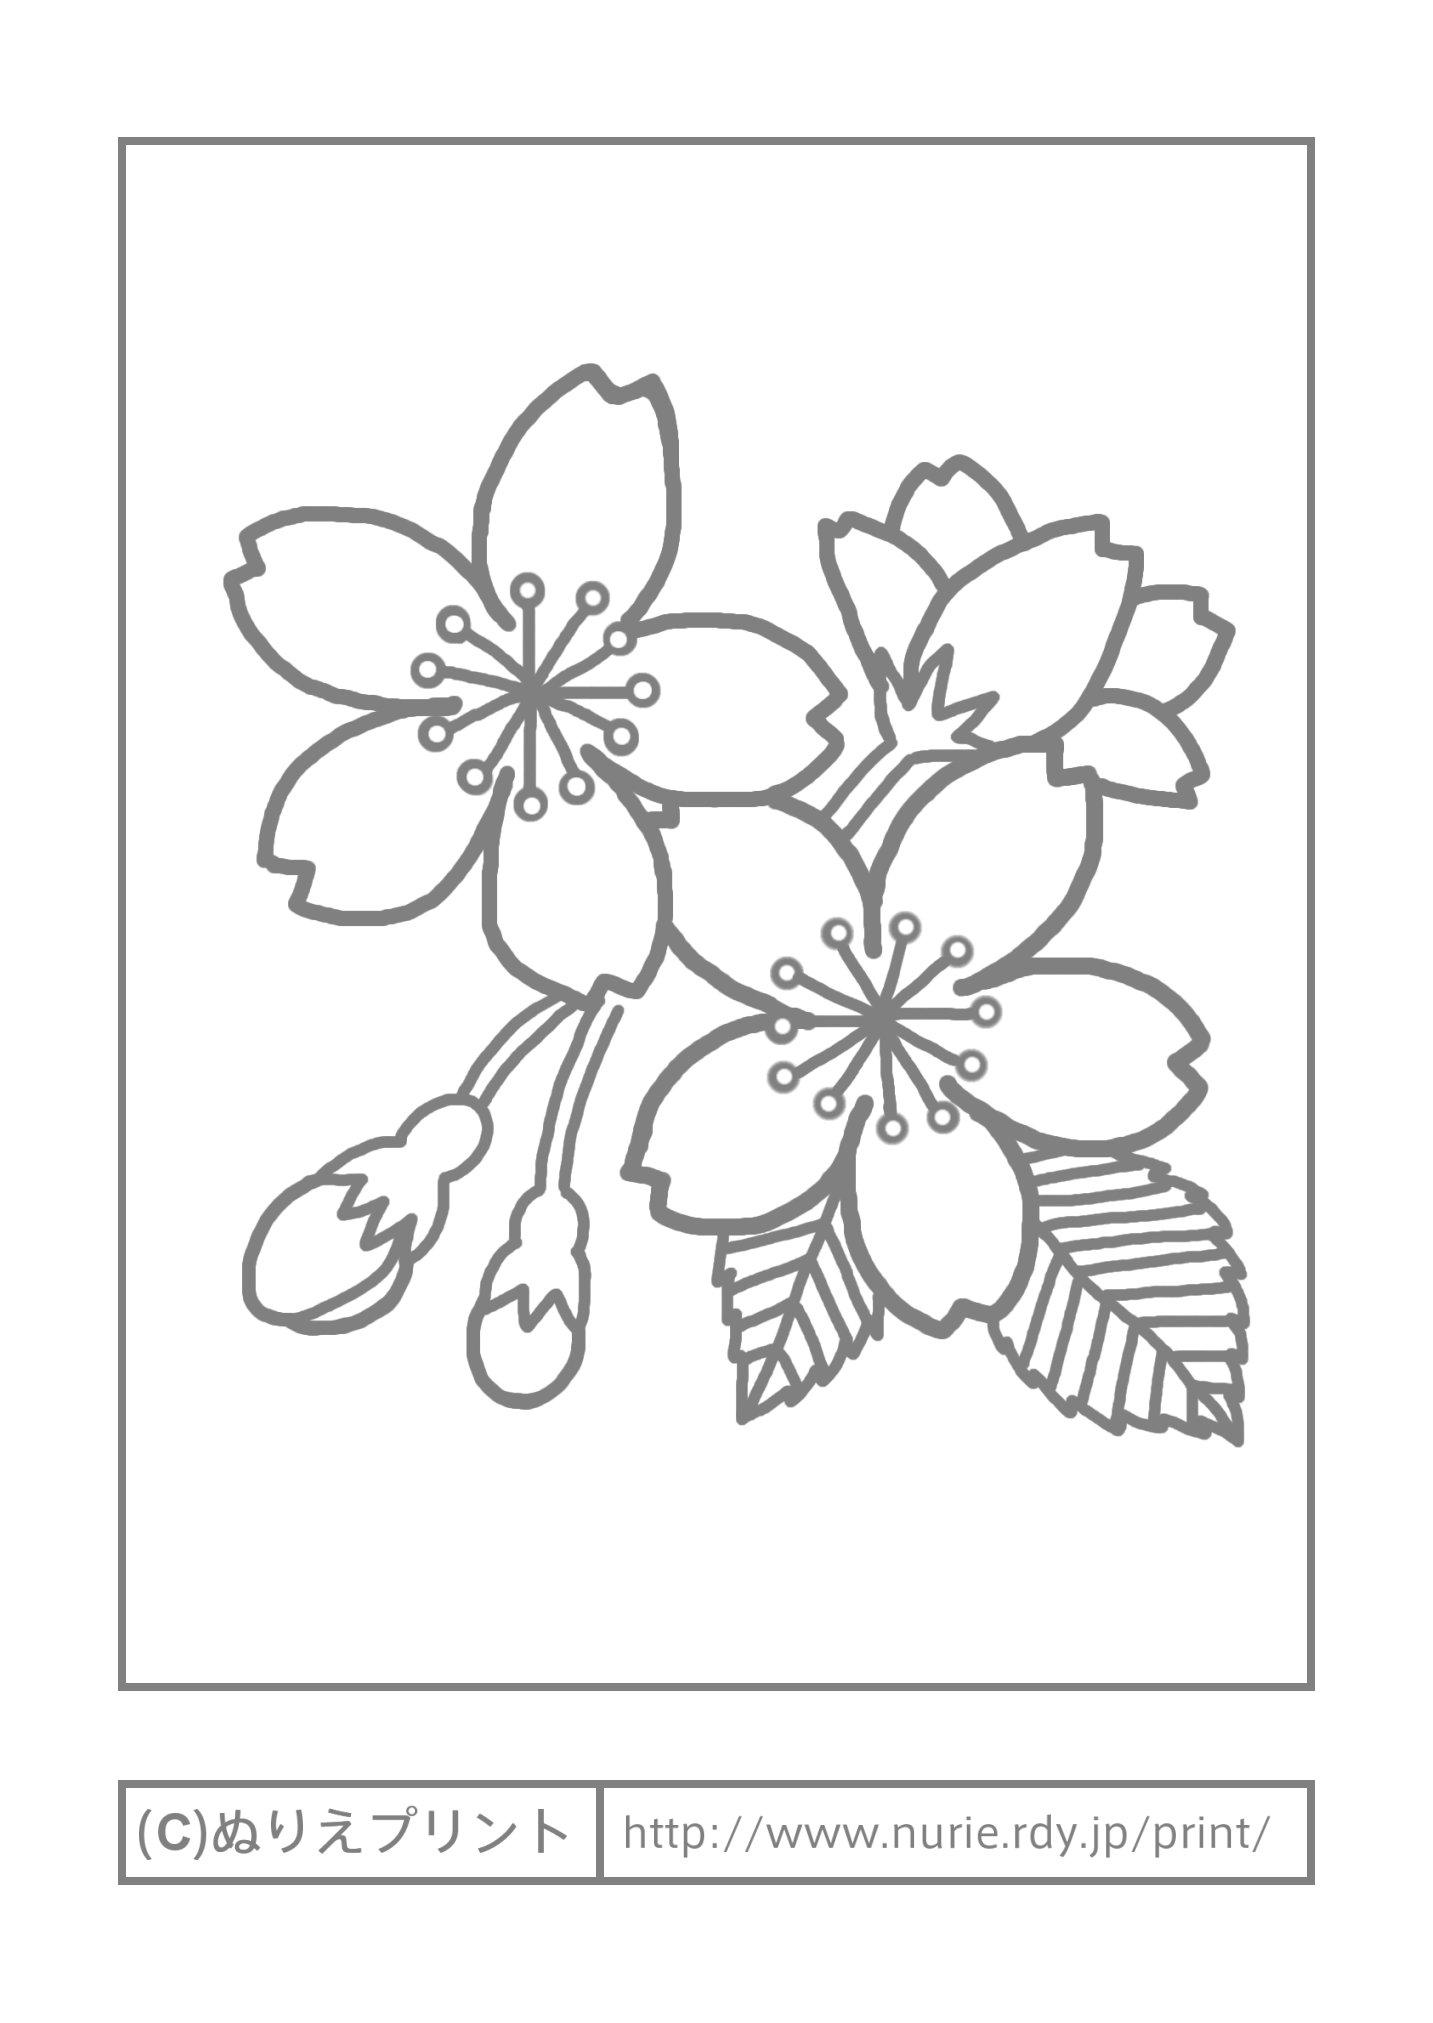 すべての講義 こども ぬりえ : Cherry Blossom Flower Coloring Page